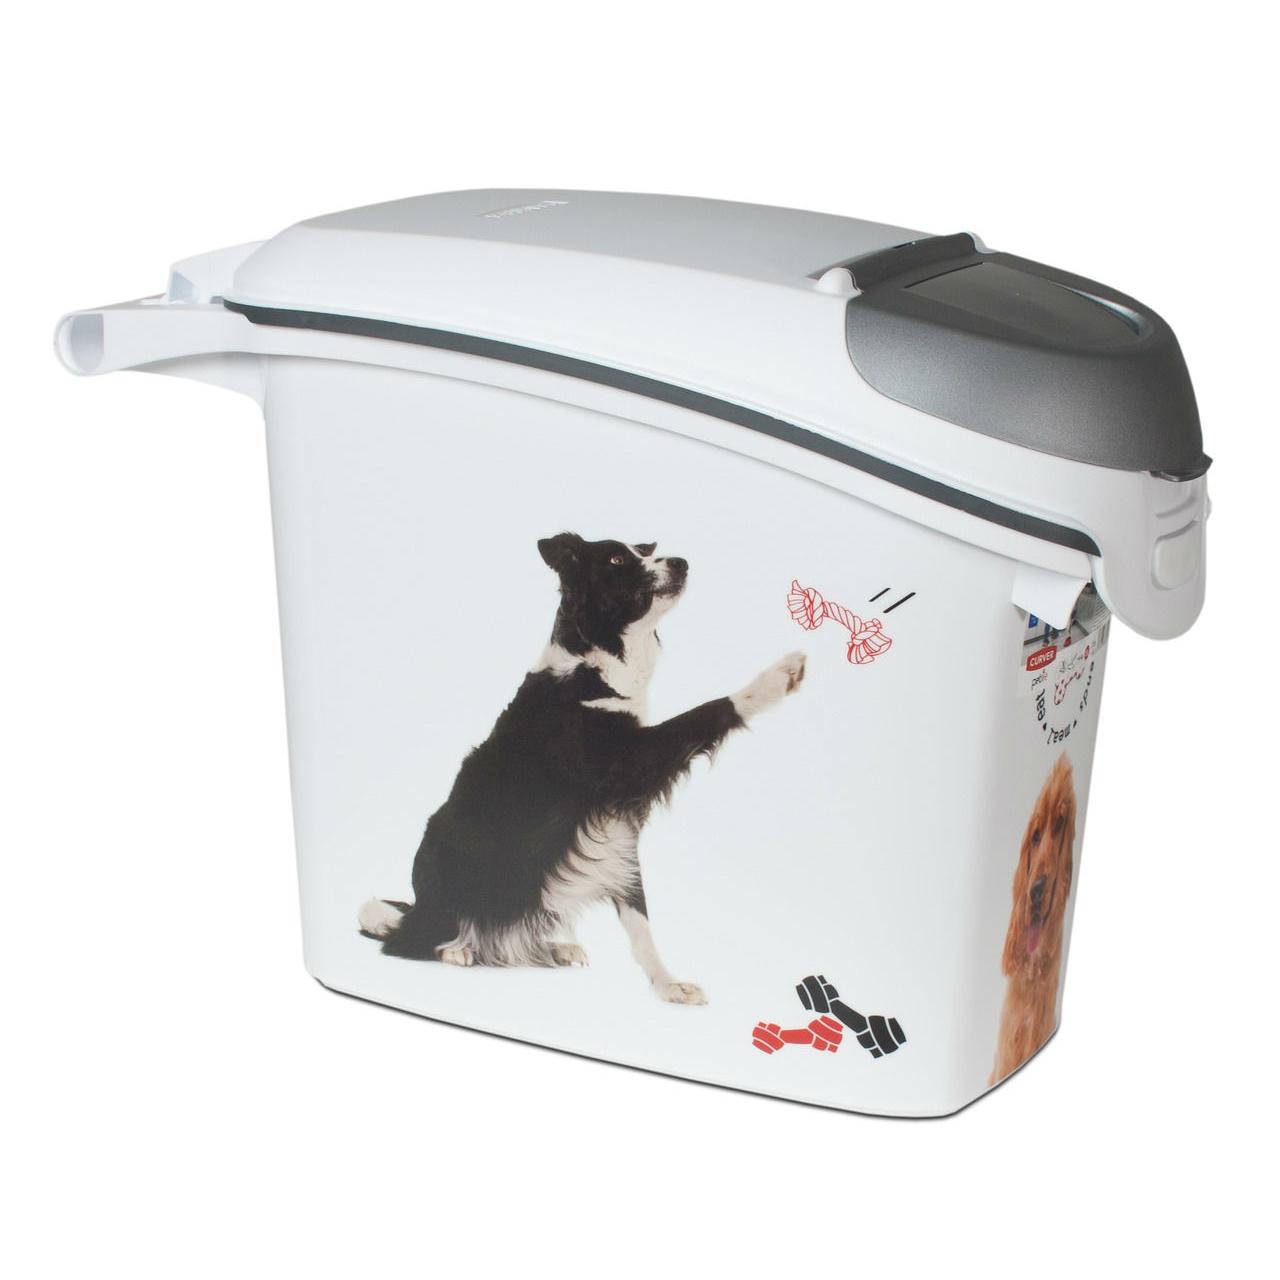 Curver Futtercontainer Hund, Bild 7